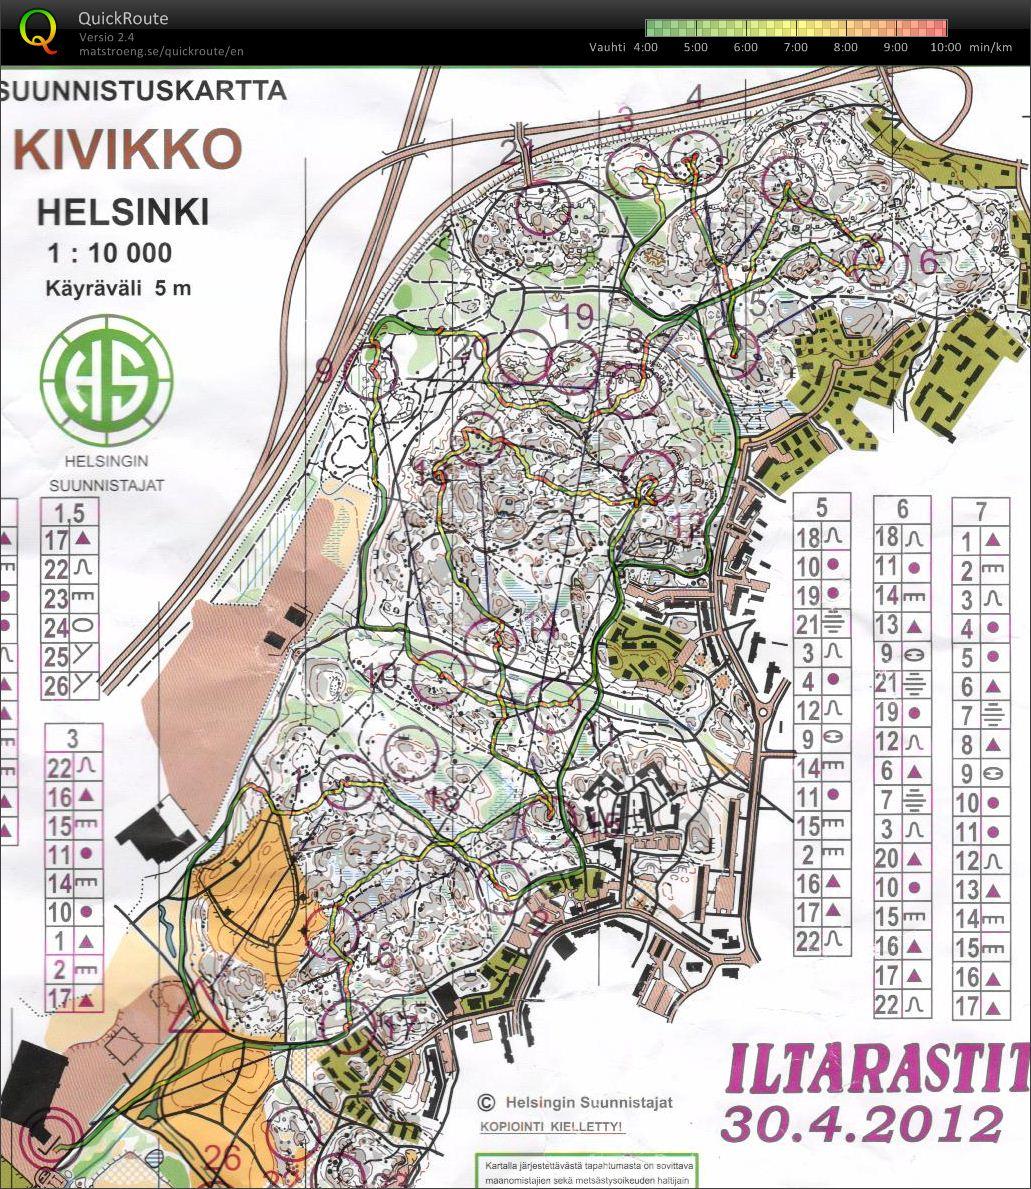 Markus Turusen Digitaalinen Kartta Arkisto Iltarastit 30 04 2012